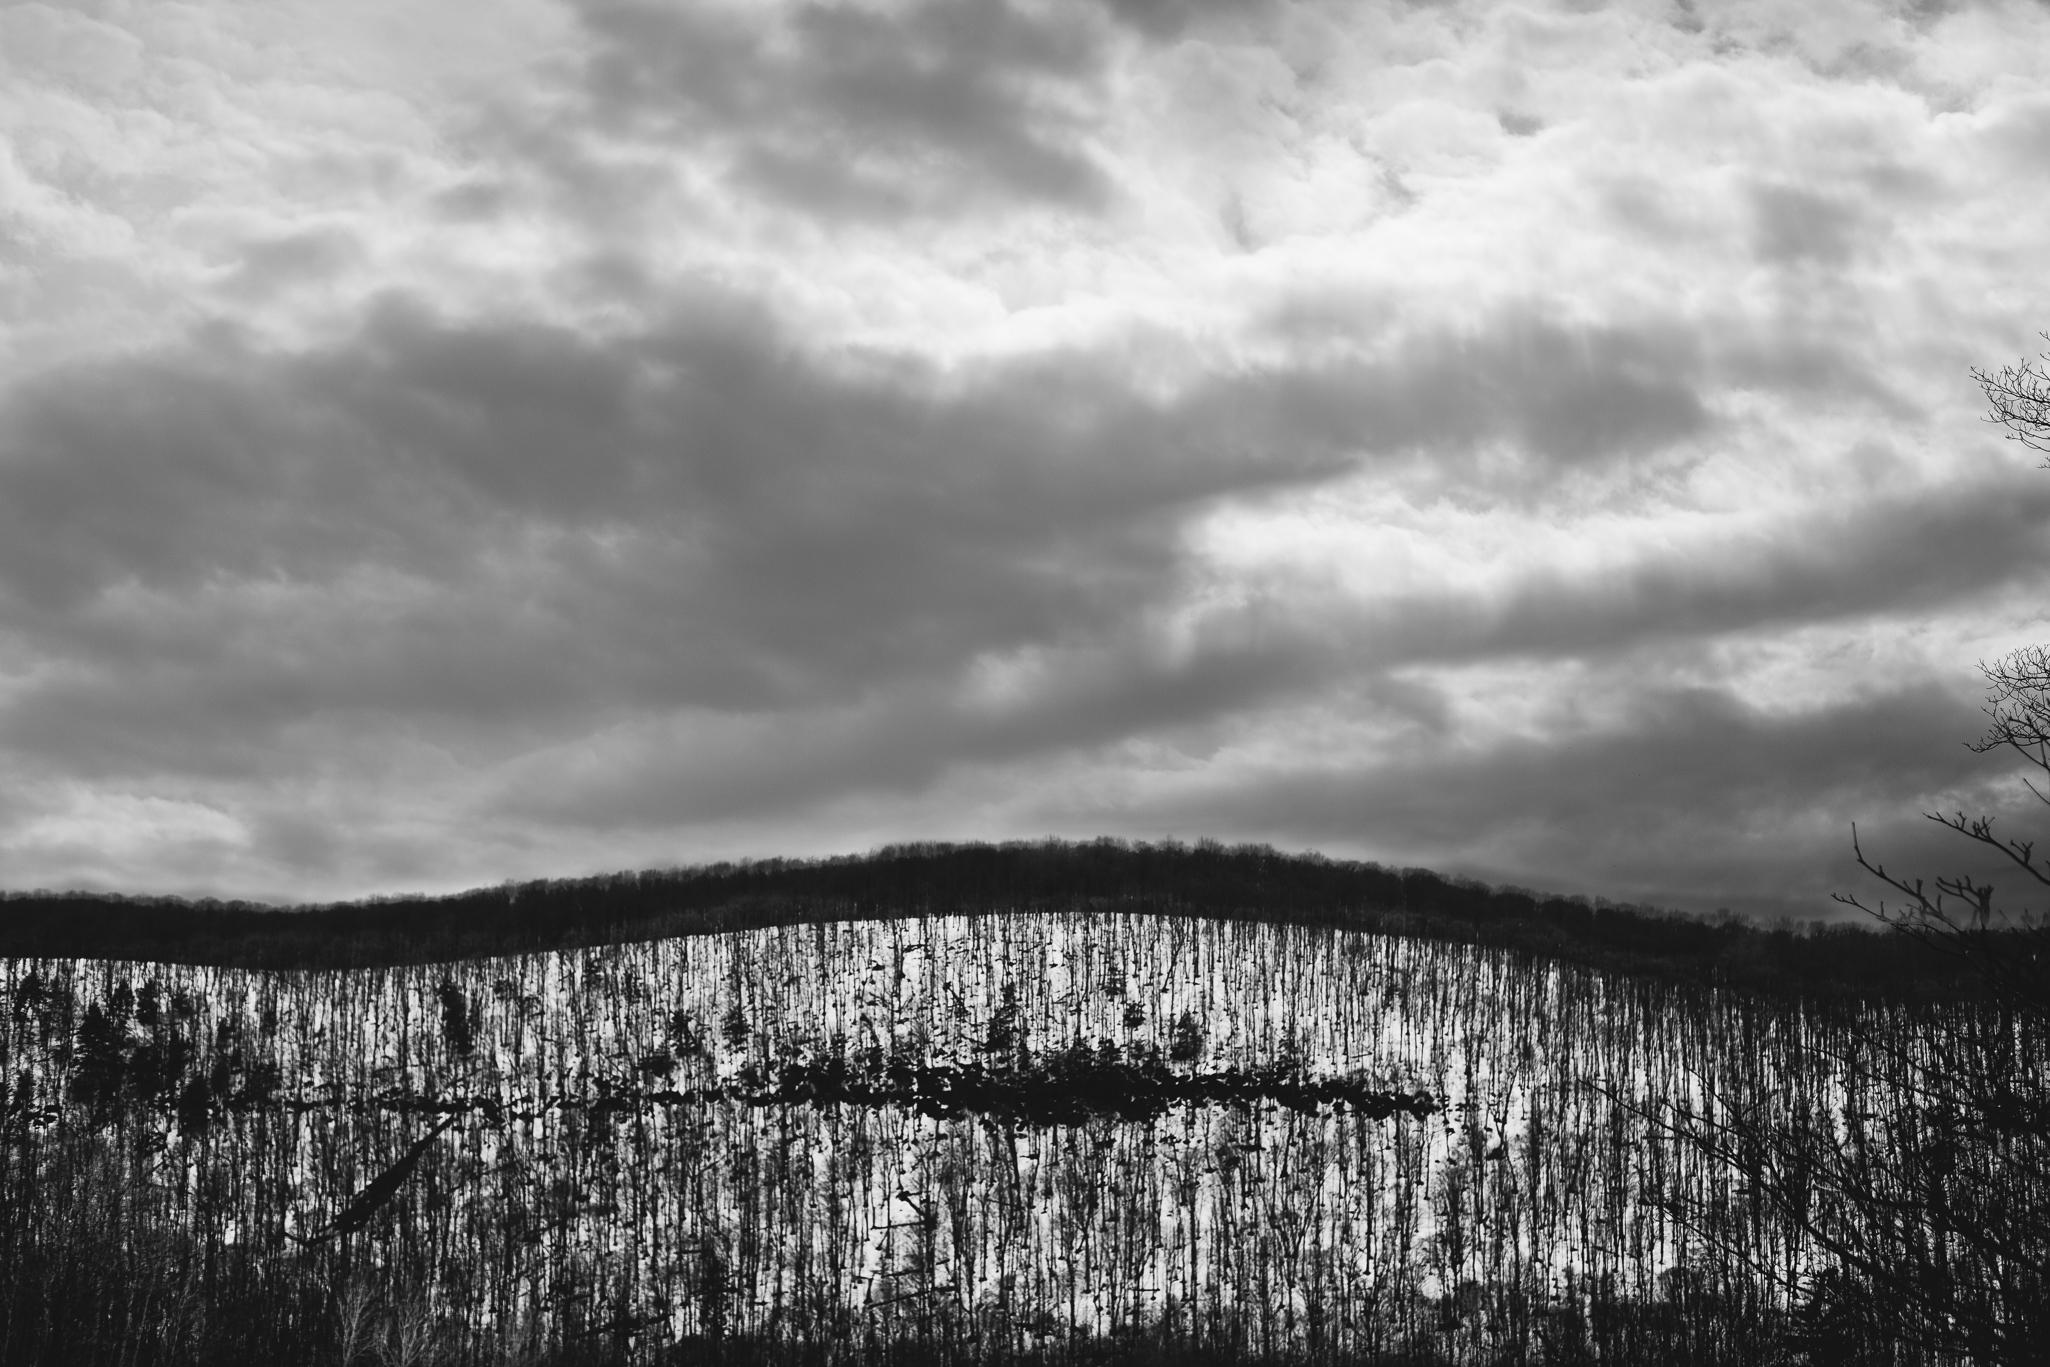 blackandwhite-mountain-trees-cloud-sky